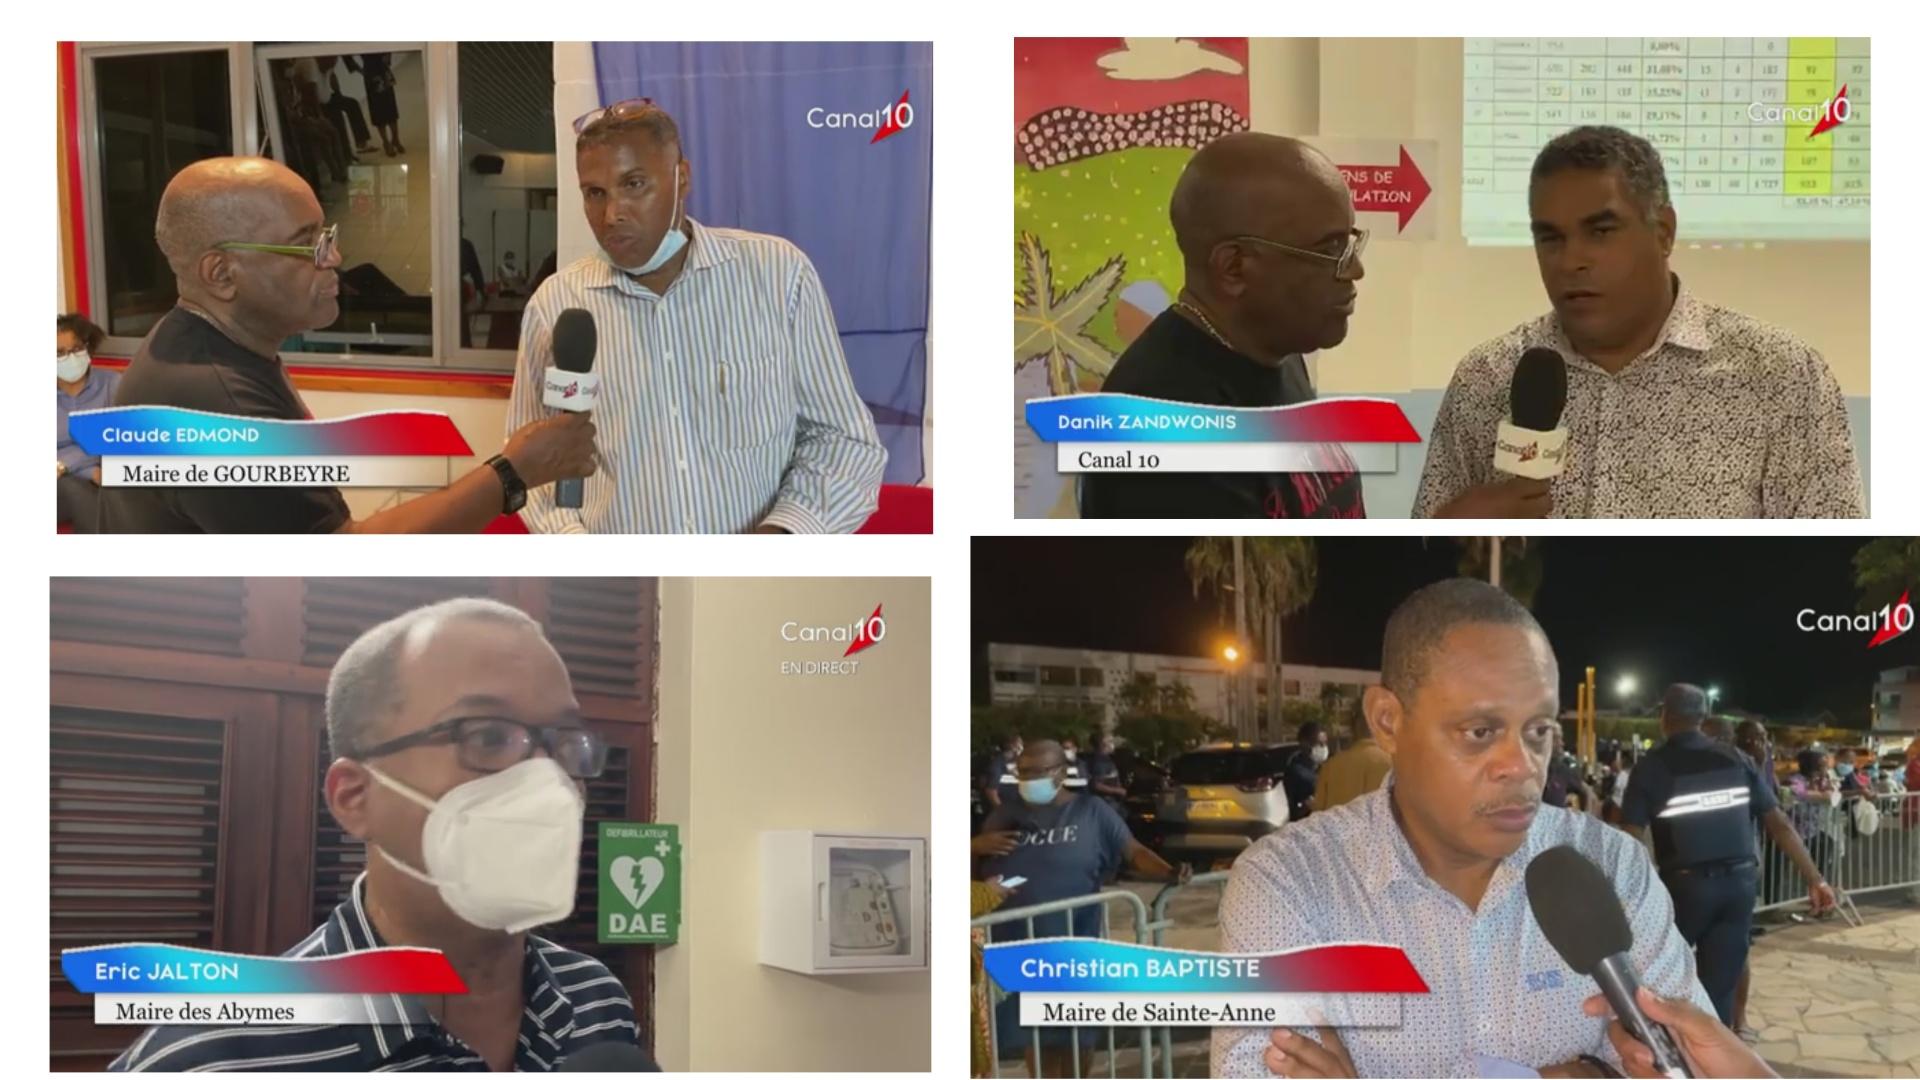 [Vidéo] Onews Guadeloupe. Soirée électorale. Réactions et Résultats (Canal 10) suite